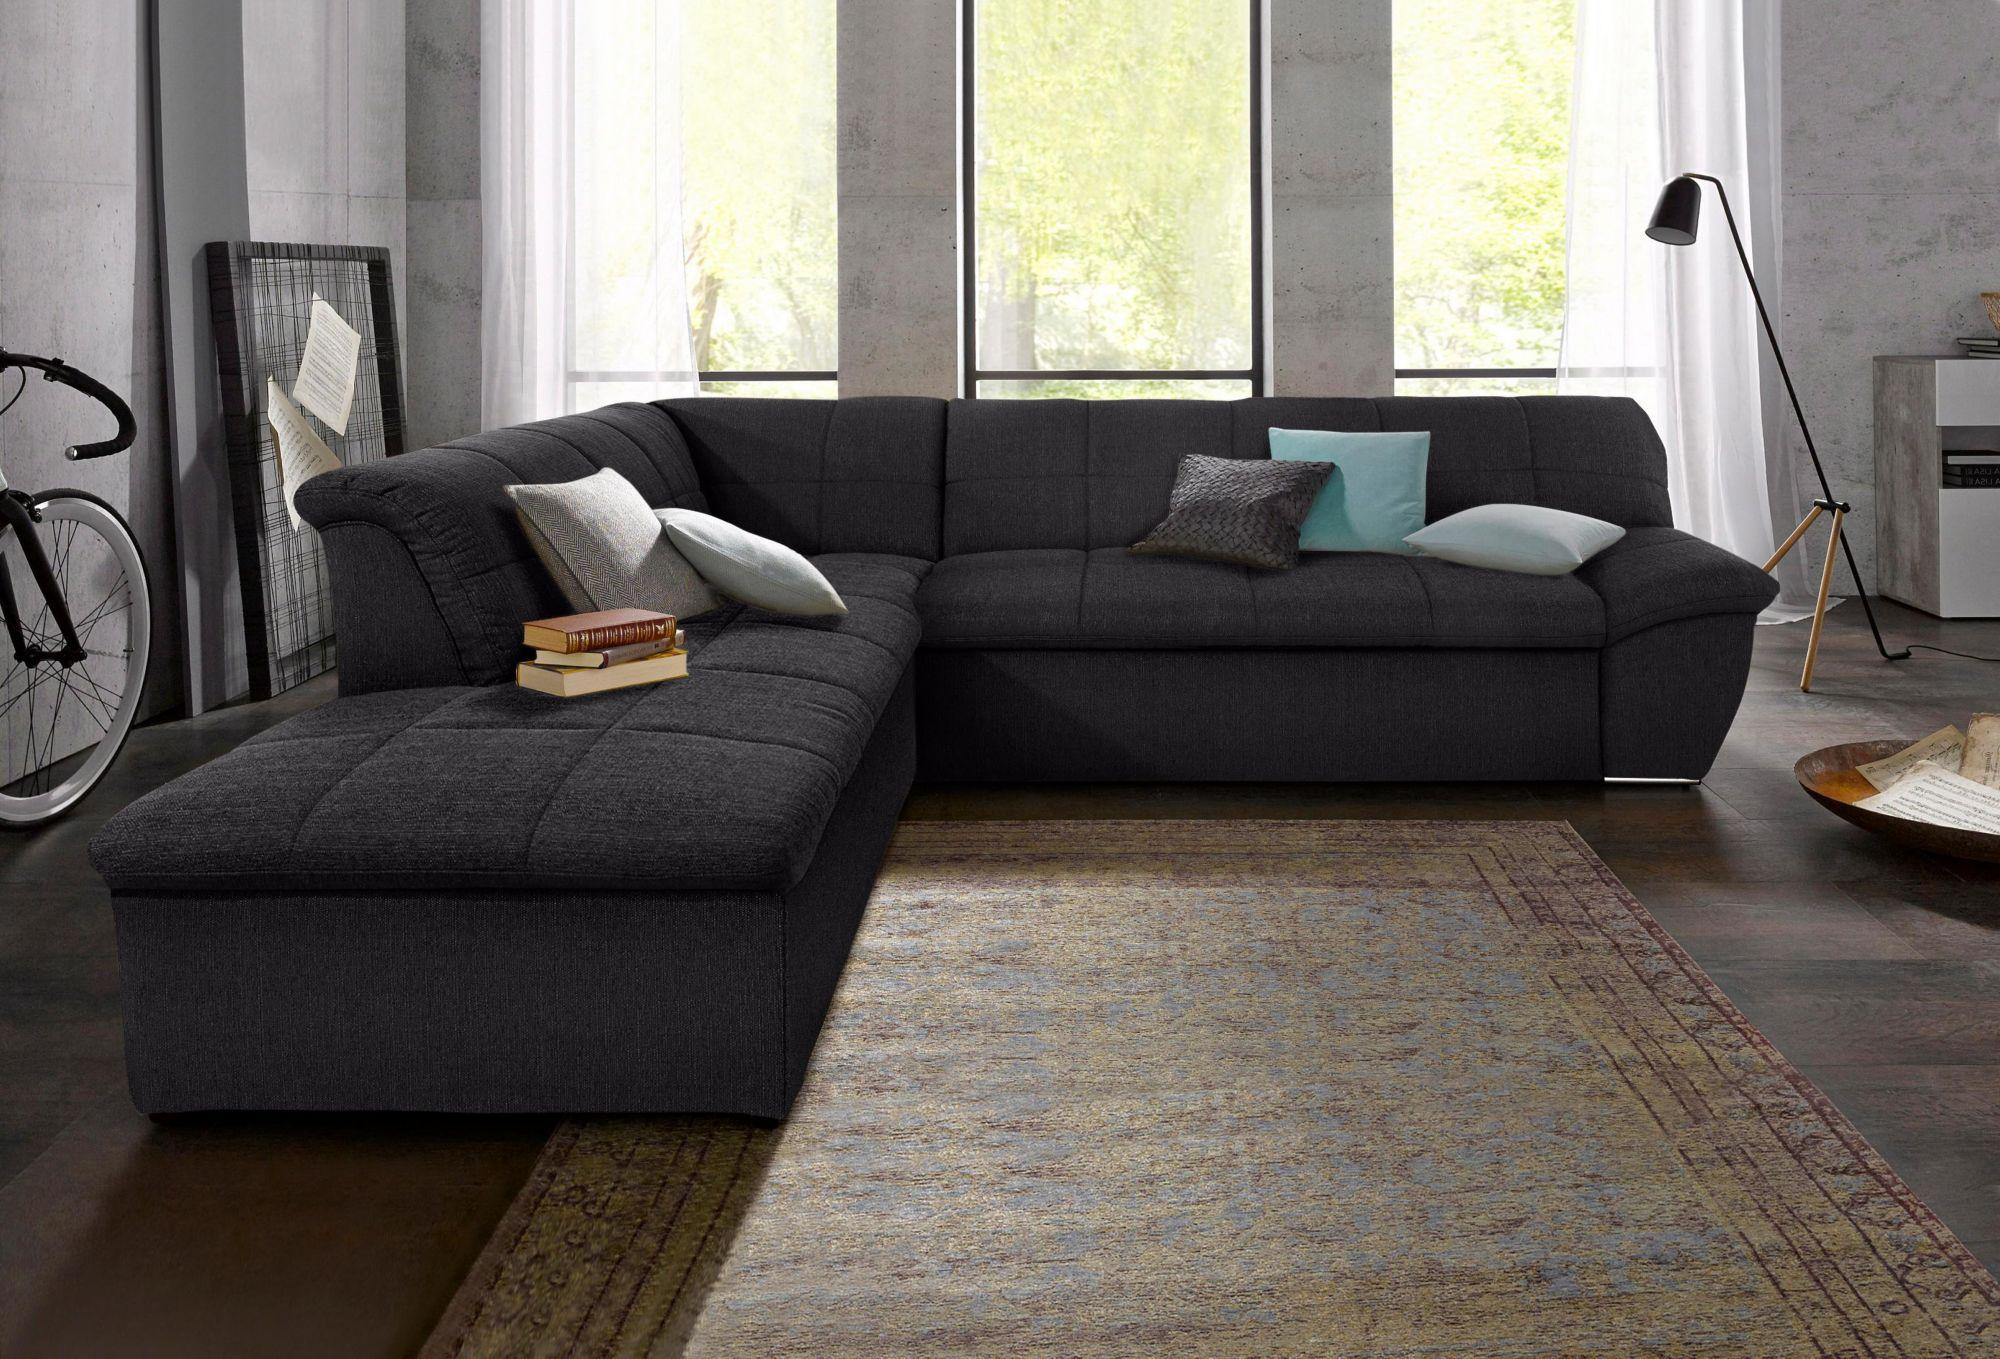 polsterecke klein g nstig online kaufen beim schwab versand. Black Bedroom Furniture Sets. Home Design Ideas